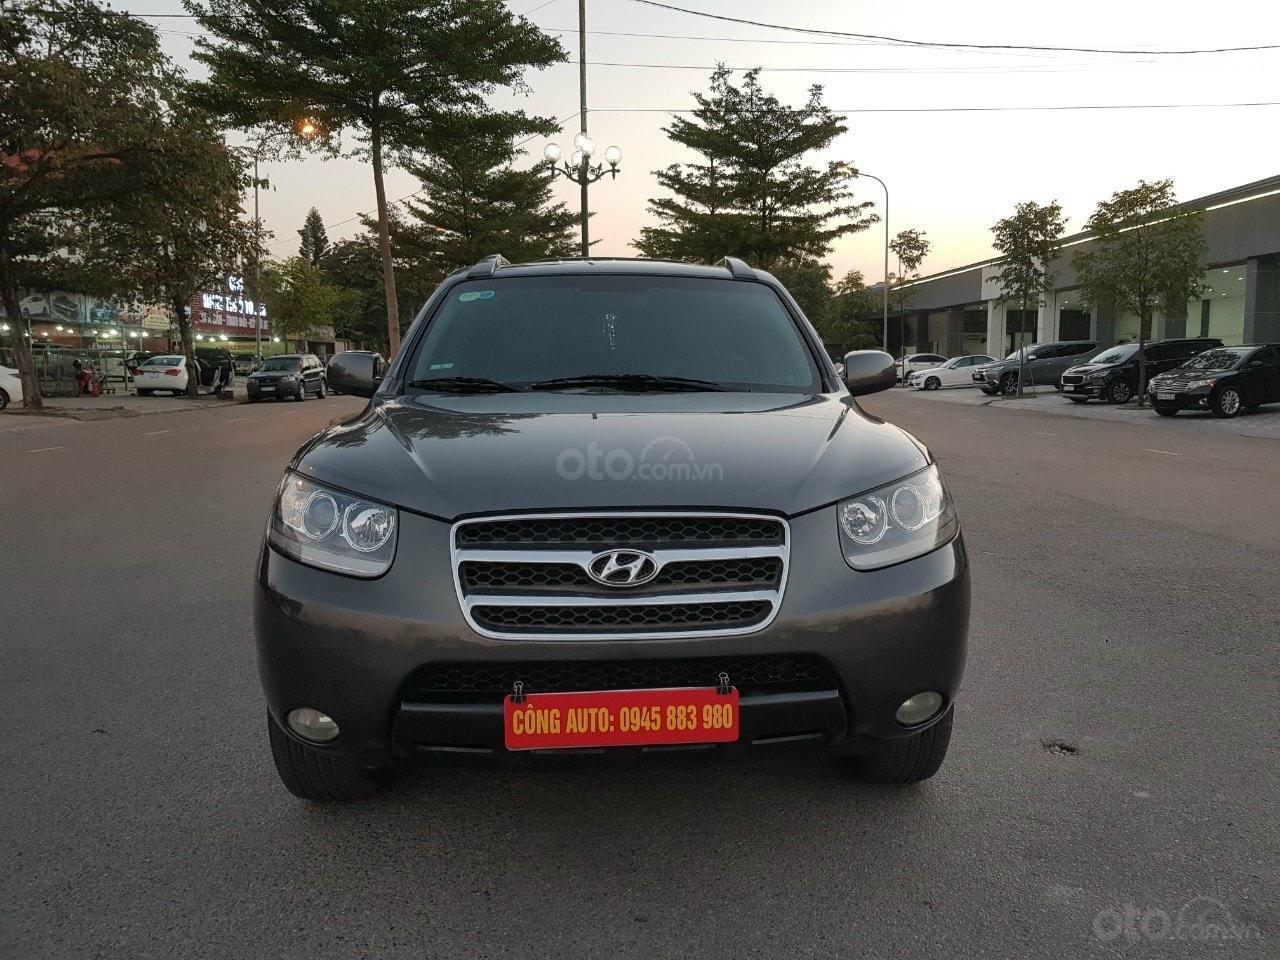 Bán xe Hyundai Santa Fe đời 2007, nhập khẩu, máy dầu (1)